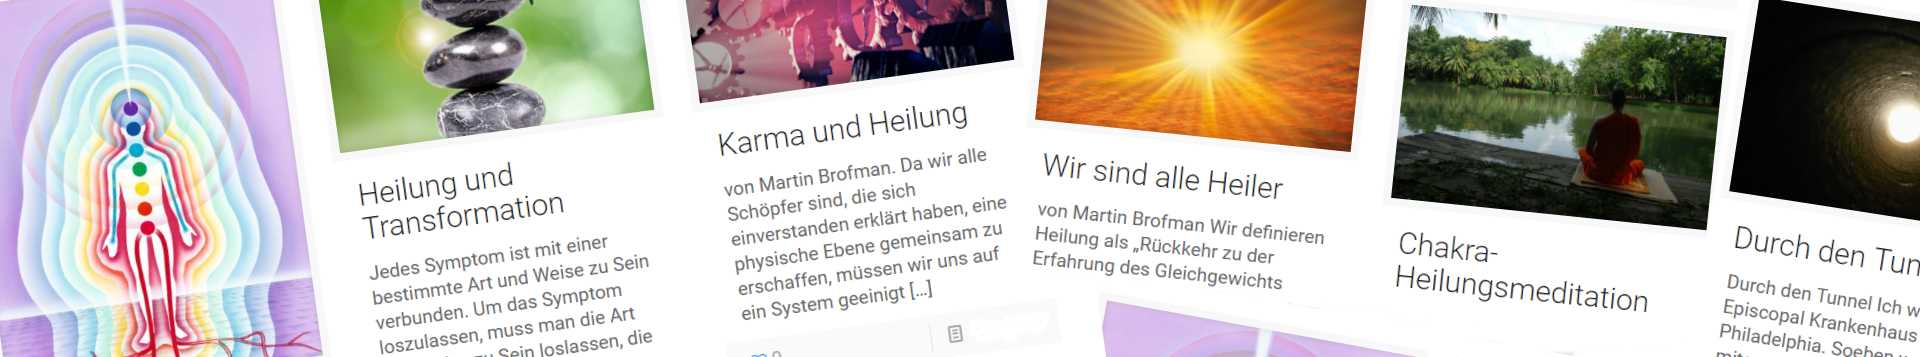 DE-articles-martin-brofman-guerison-chakras-stage-formation-magnetisme-guerisseur